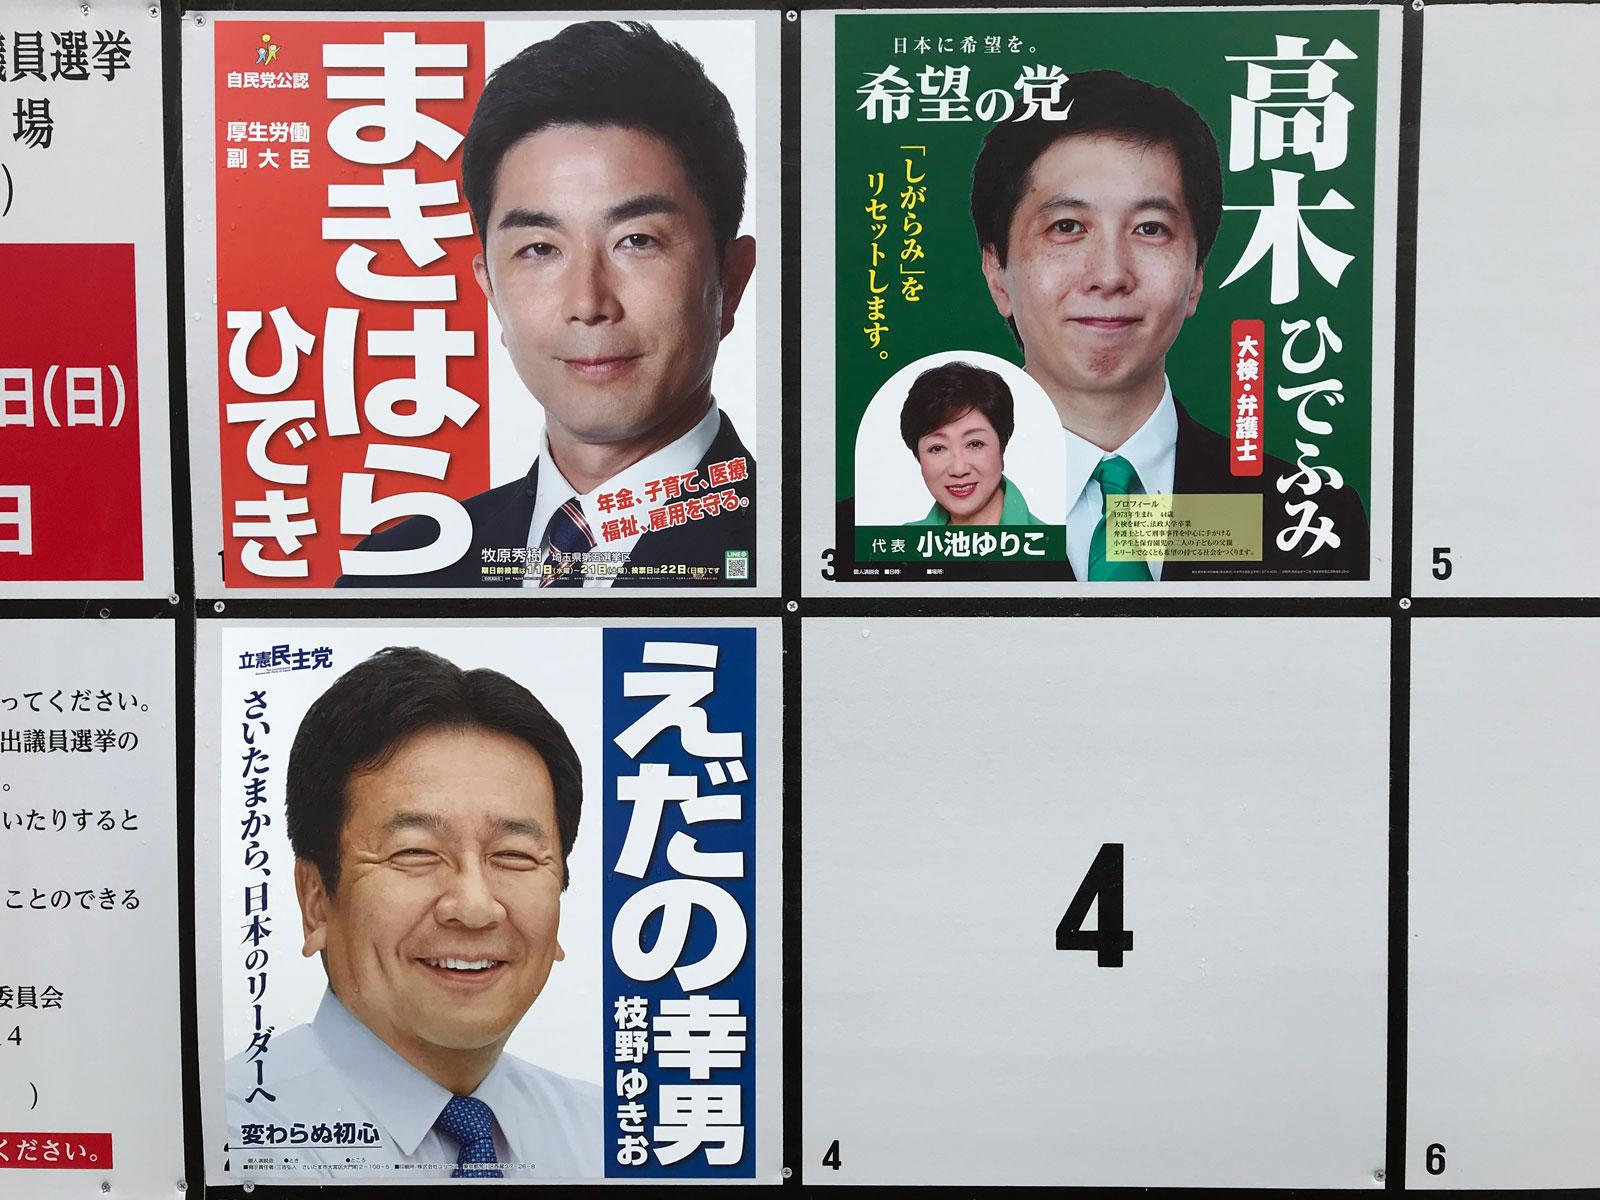 衆議院   Masaru Kamikura Blog